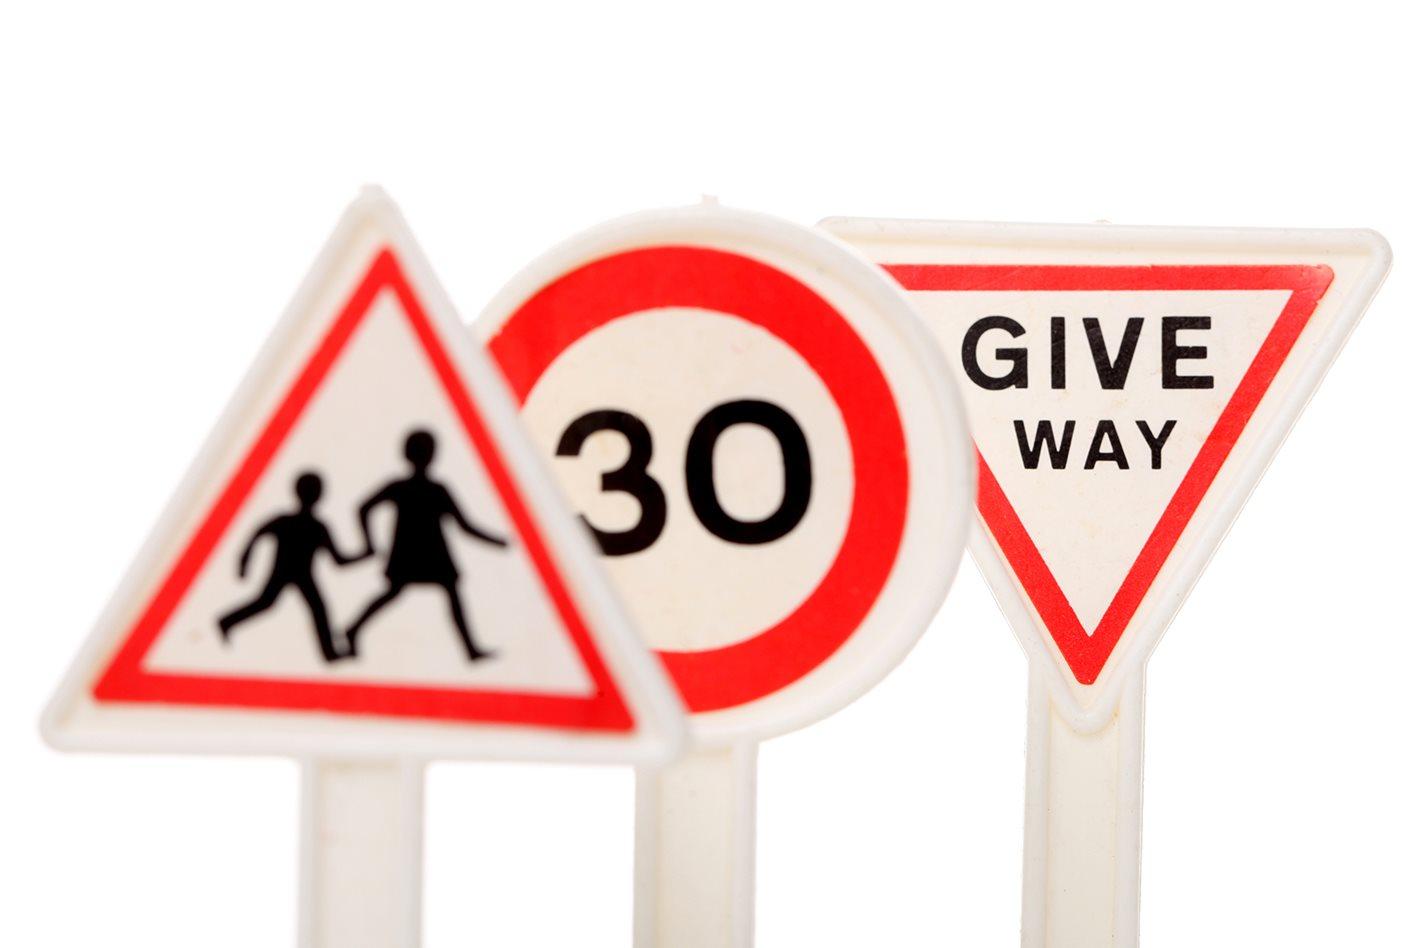 30kmhr speed limit - Quy định tốc độ 30 km/h mới tại một đường ở Melbourne